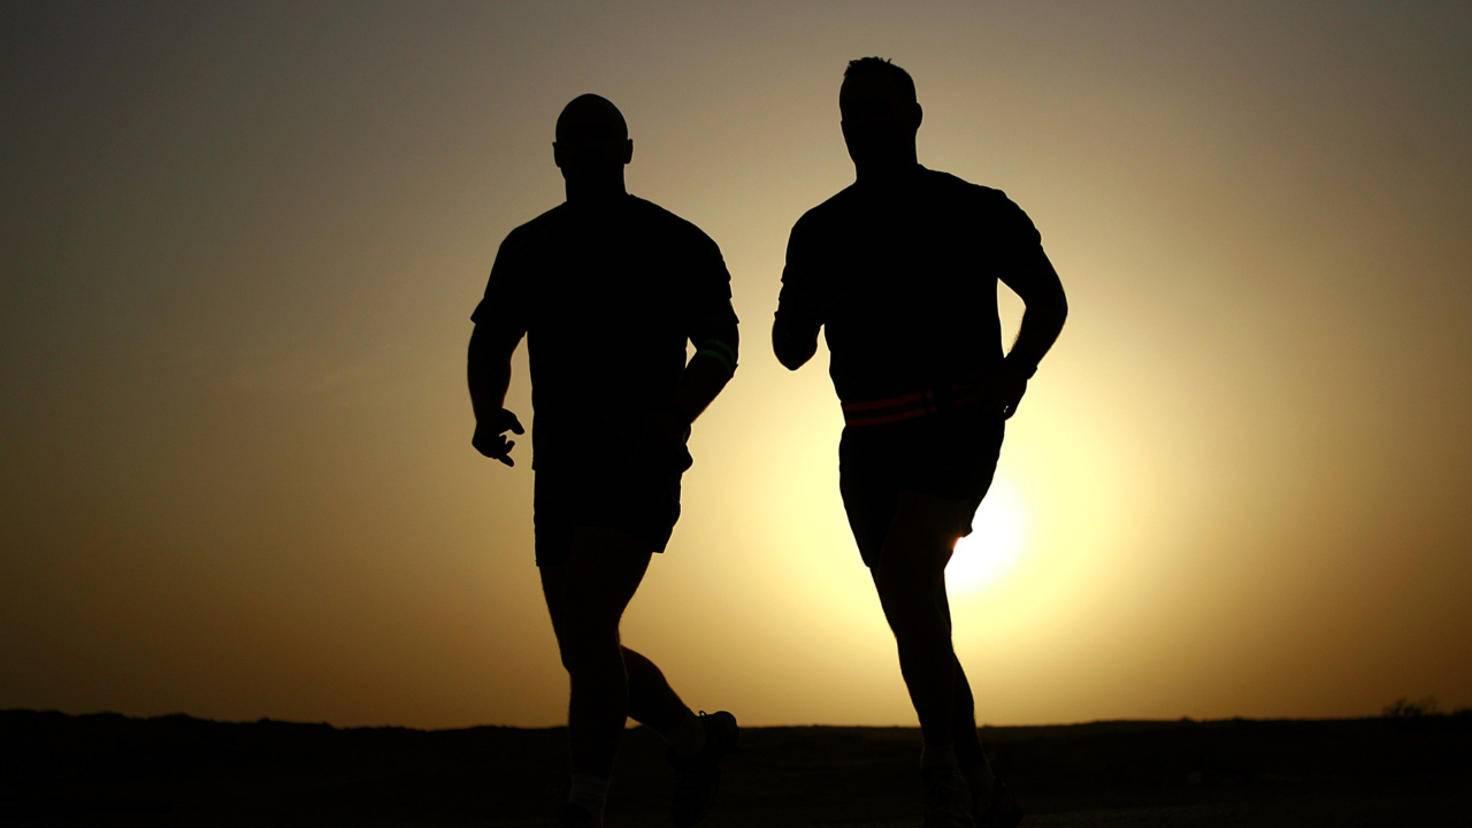 Auch beim Joggen gilt: Zu zweit läuft's besser!